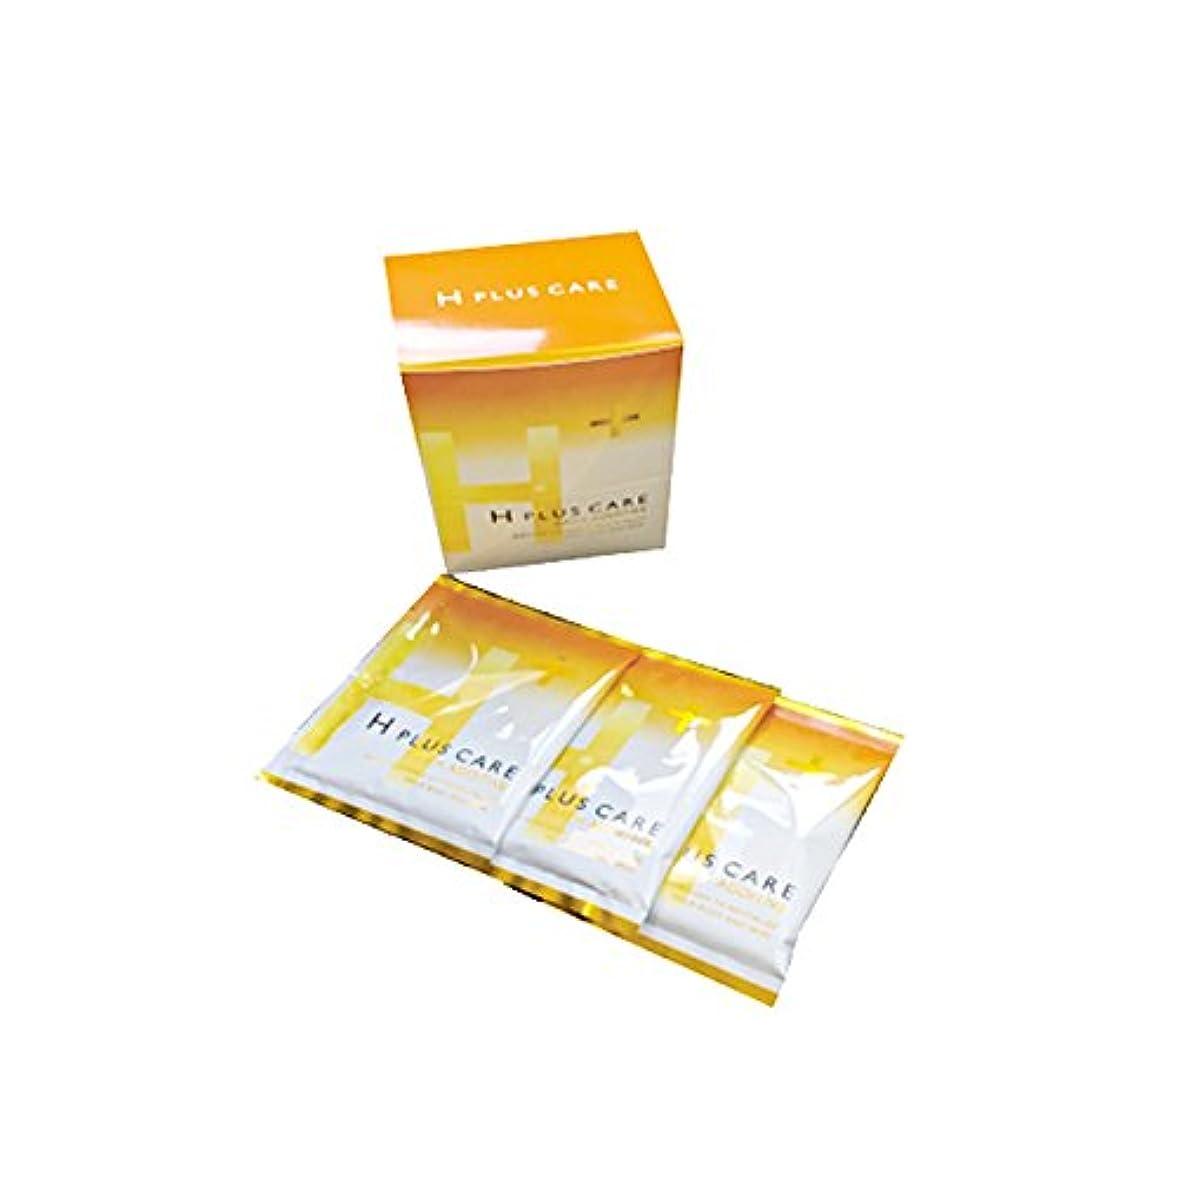 酔う図早く水素浴用剤 H PLUS CARE(エイチプラスケア) 450g(45g×10包) アンタレス